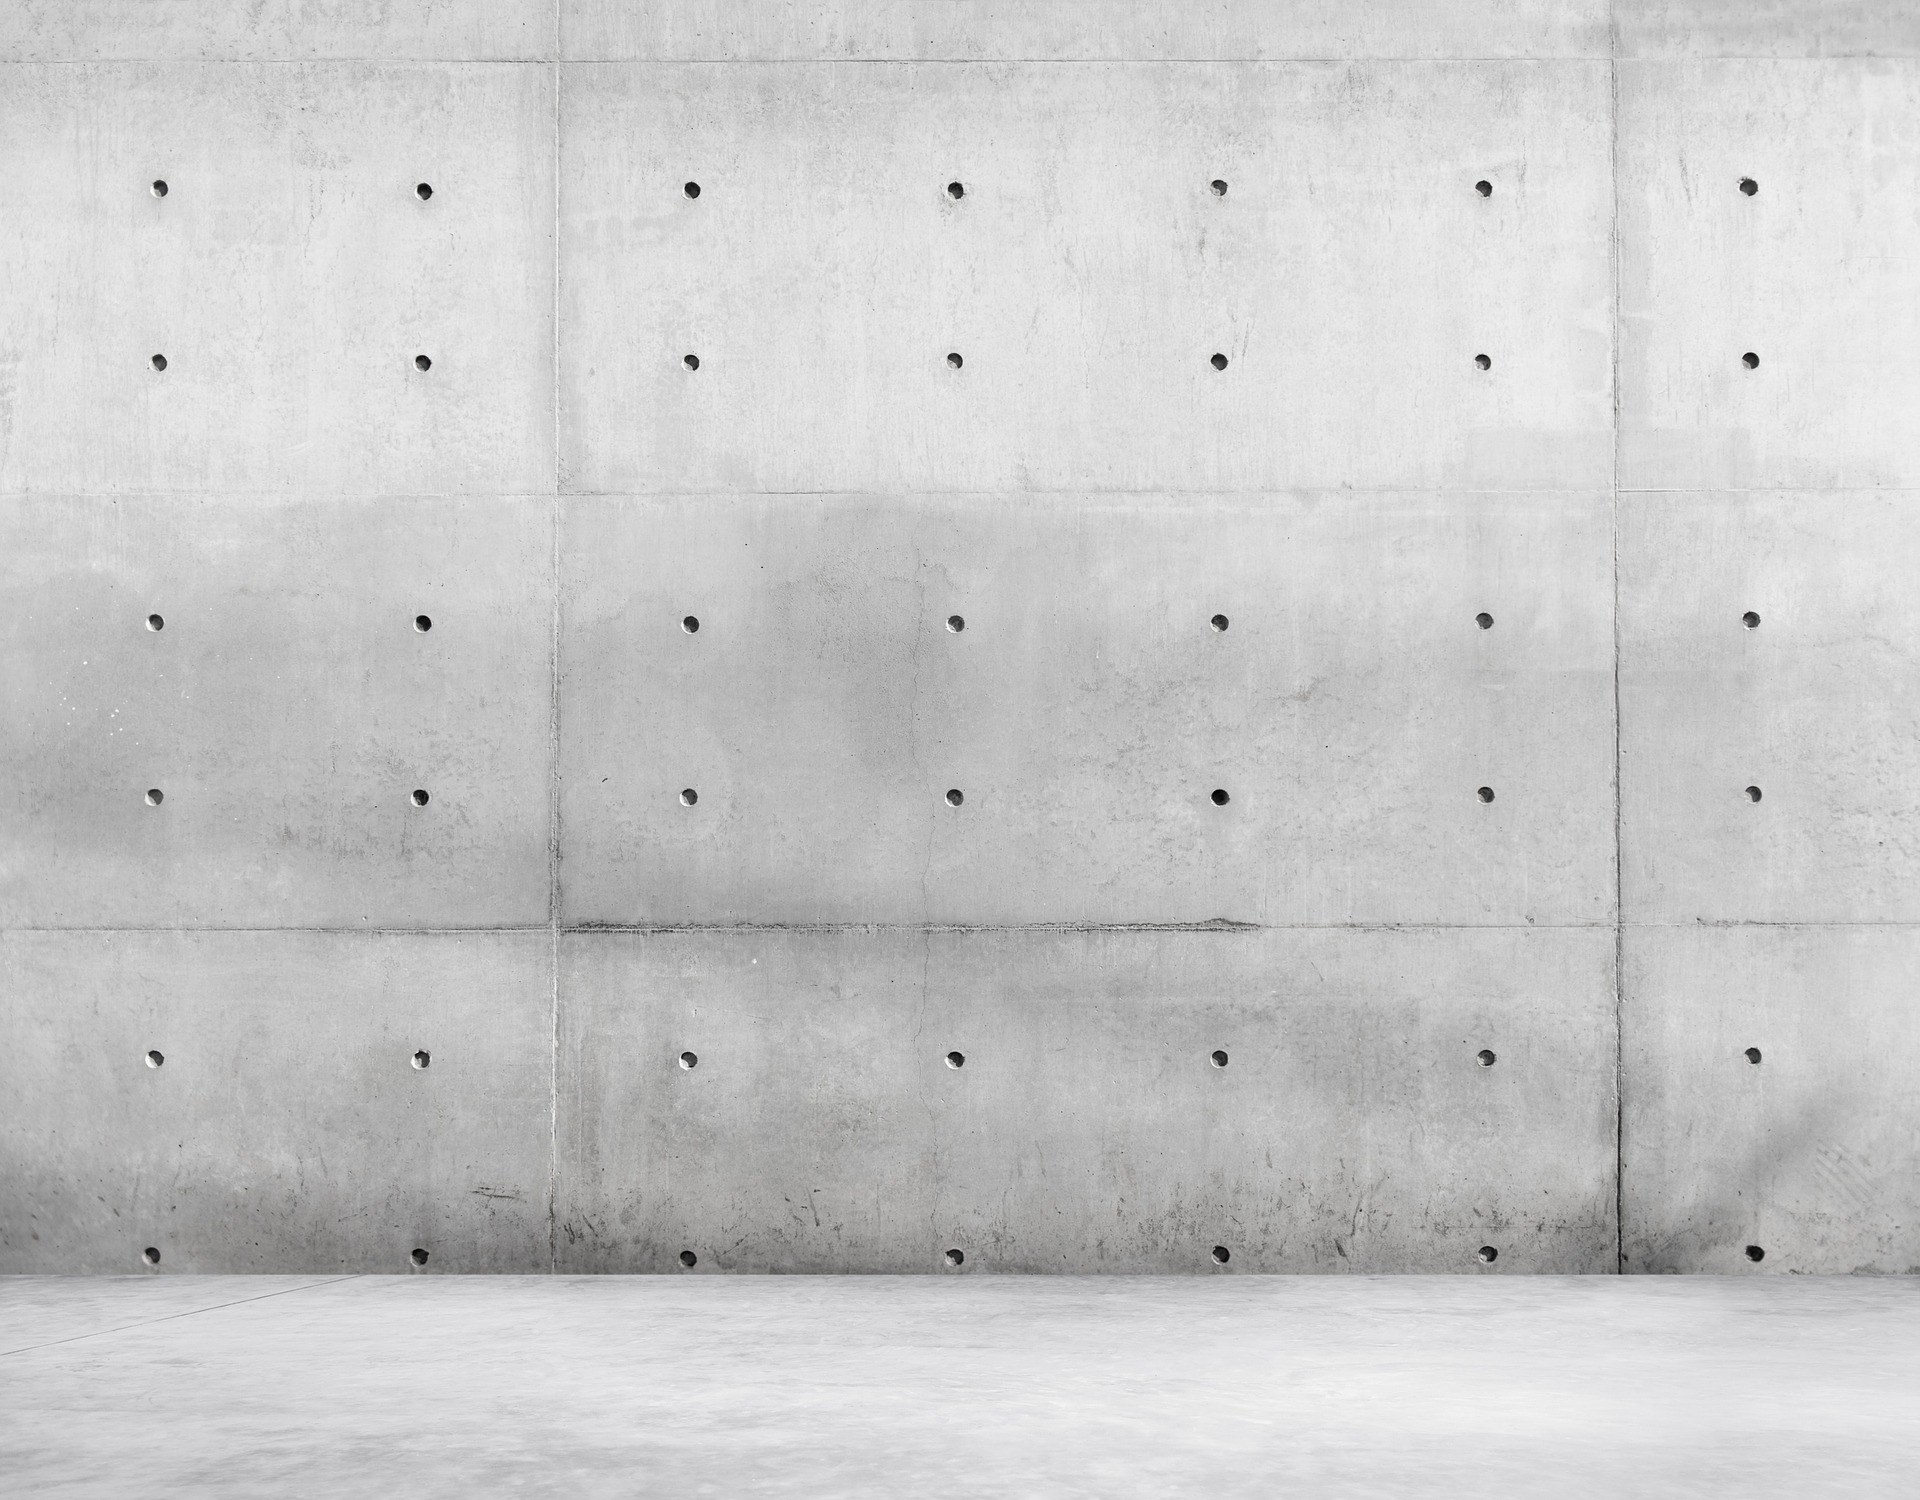 防音シート コンクリート打ちっぱなしの壁